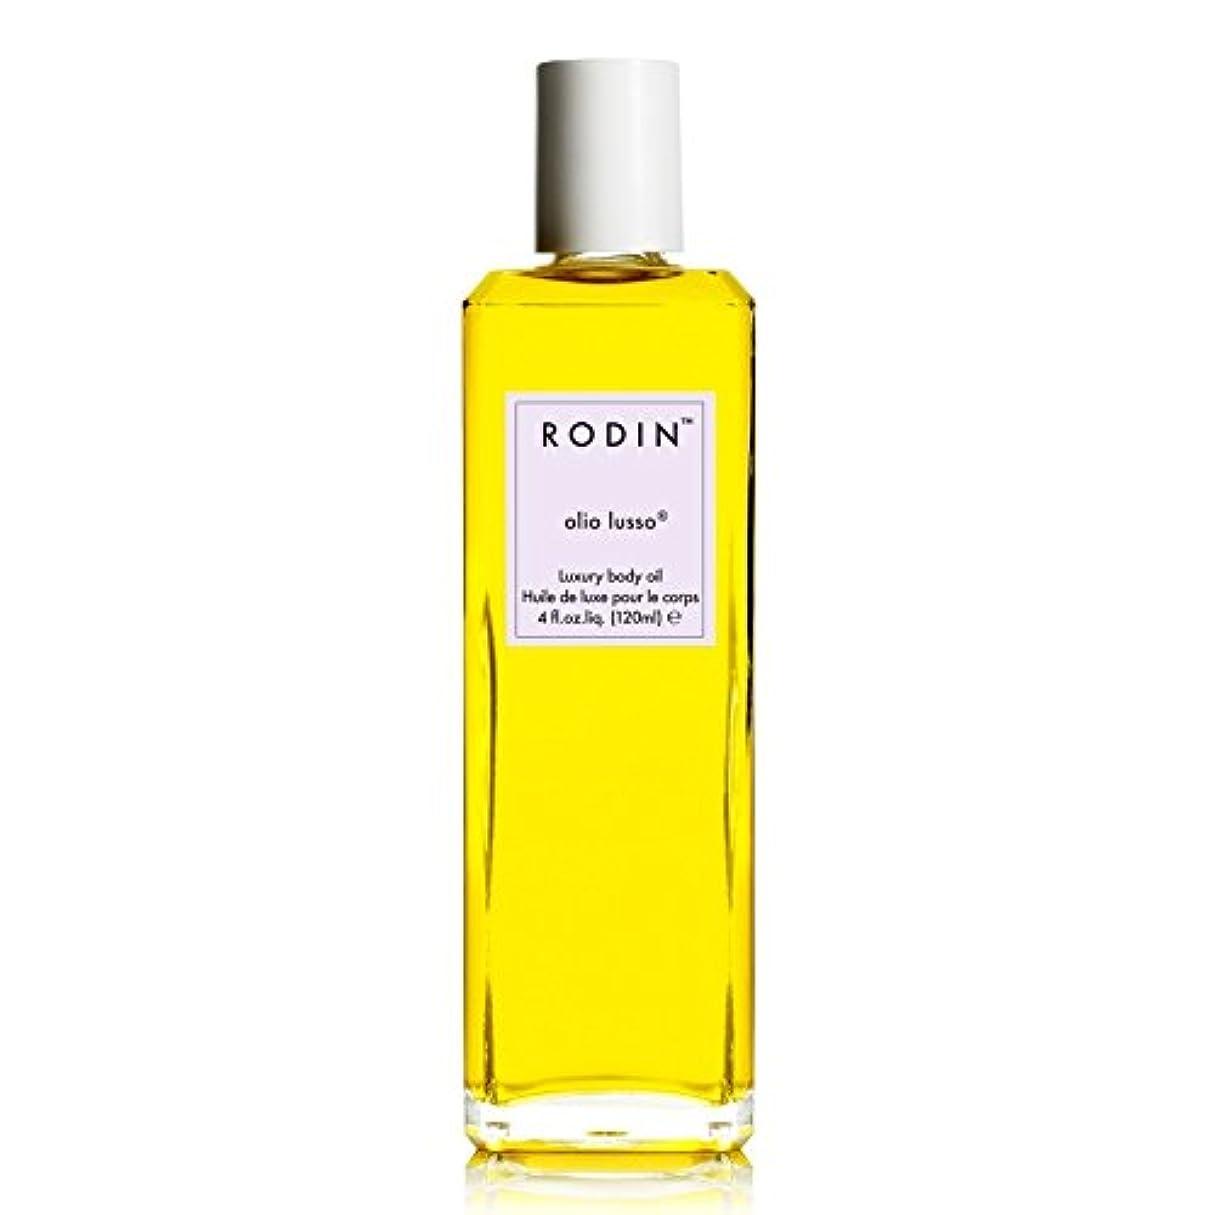 雑多な覗く他にロダンルッソラベンダー絶対贅沢なボディオイル30ミリリットル x4 - RODIN olio lusso Lavender Absolute Luxury Body Oil 30ml (Pack of 4) [並行輸入品]